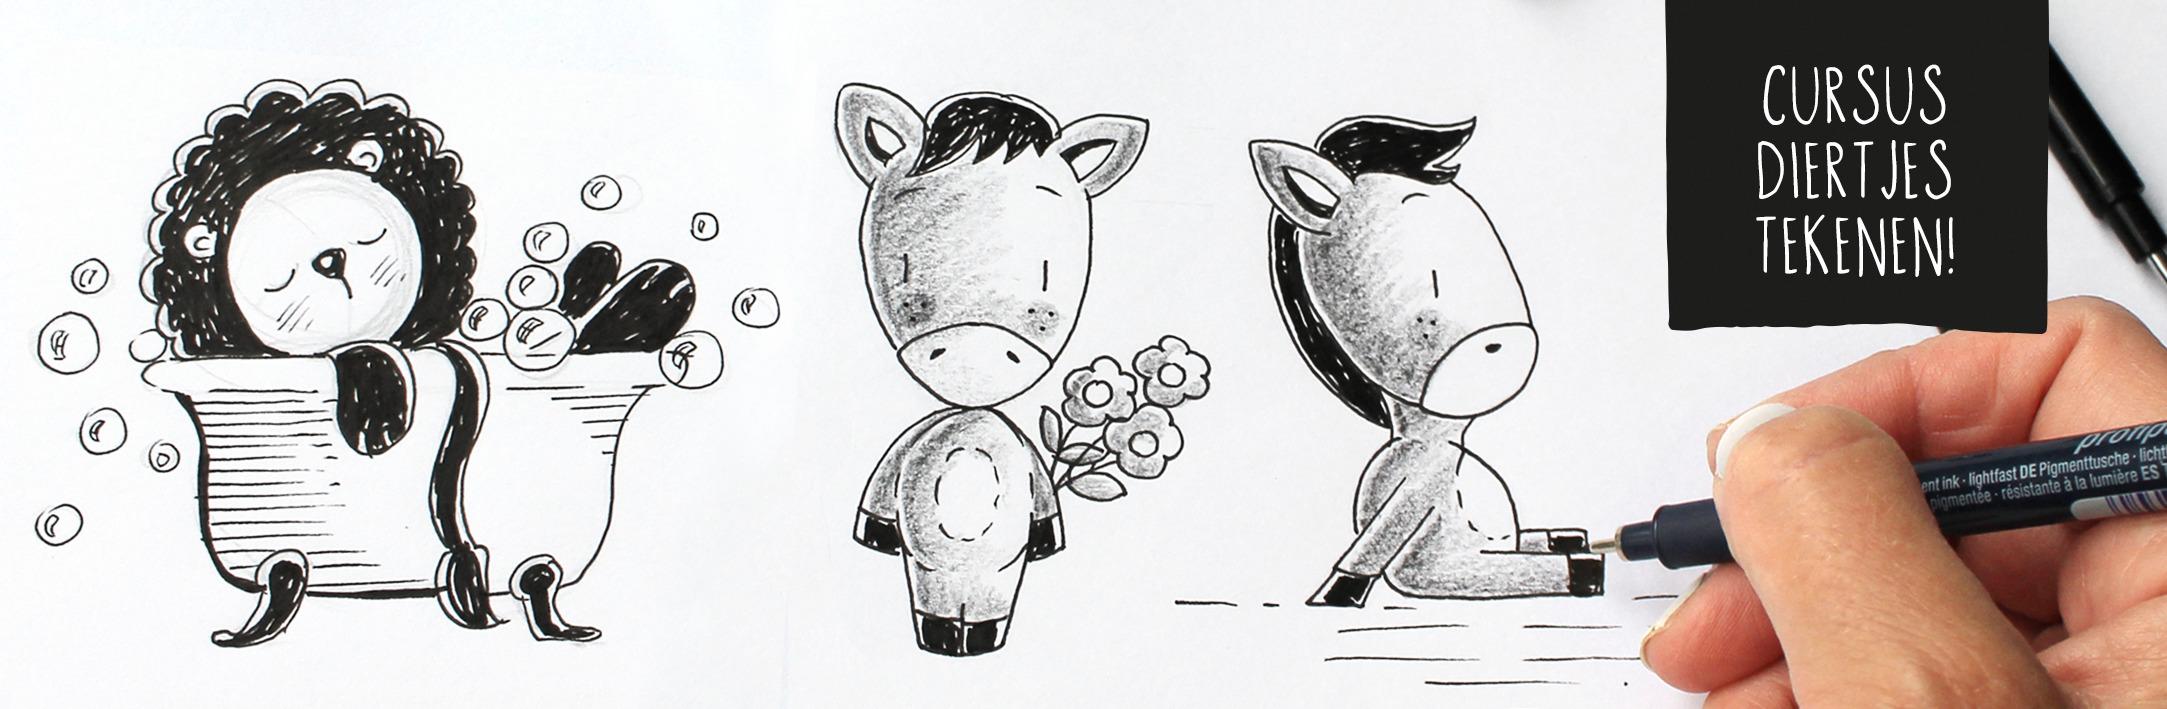 Cursus schattige diertjes tekenen